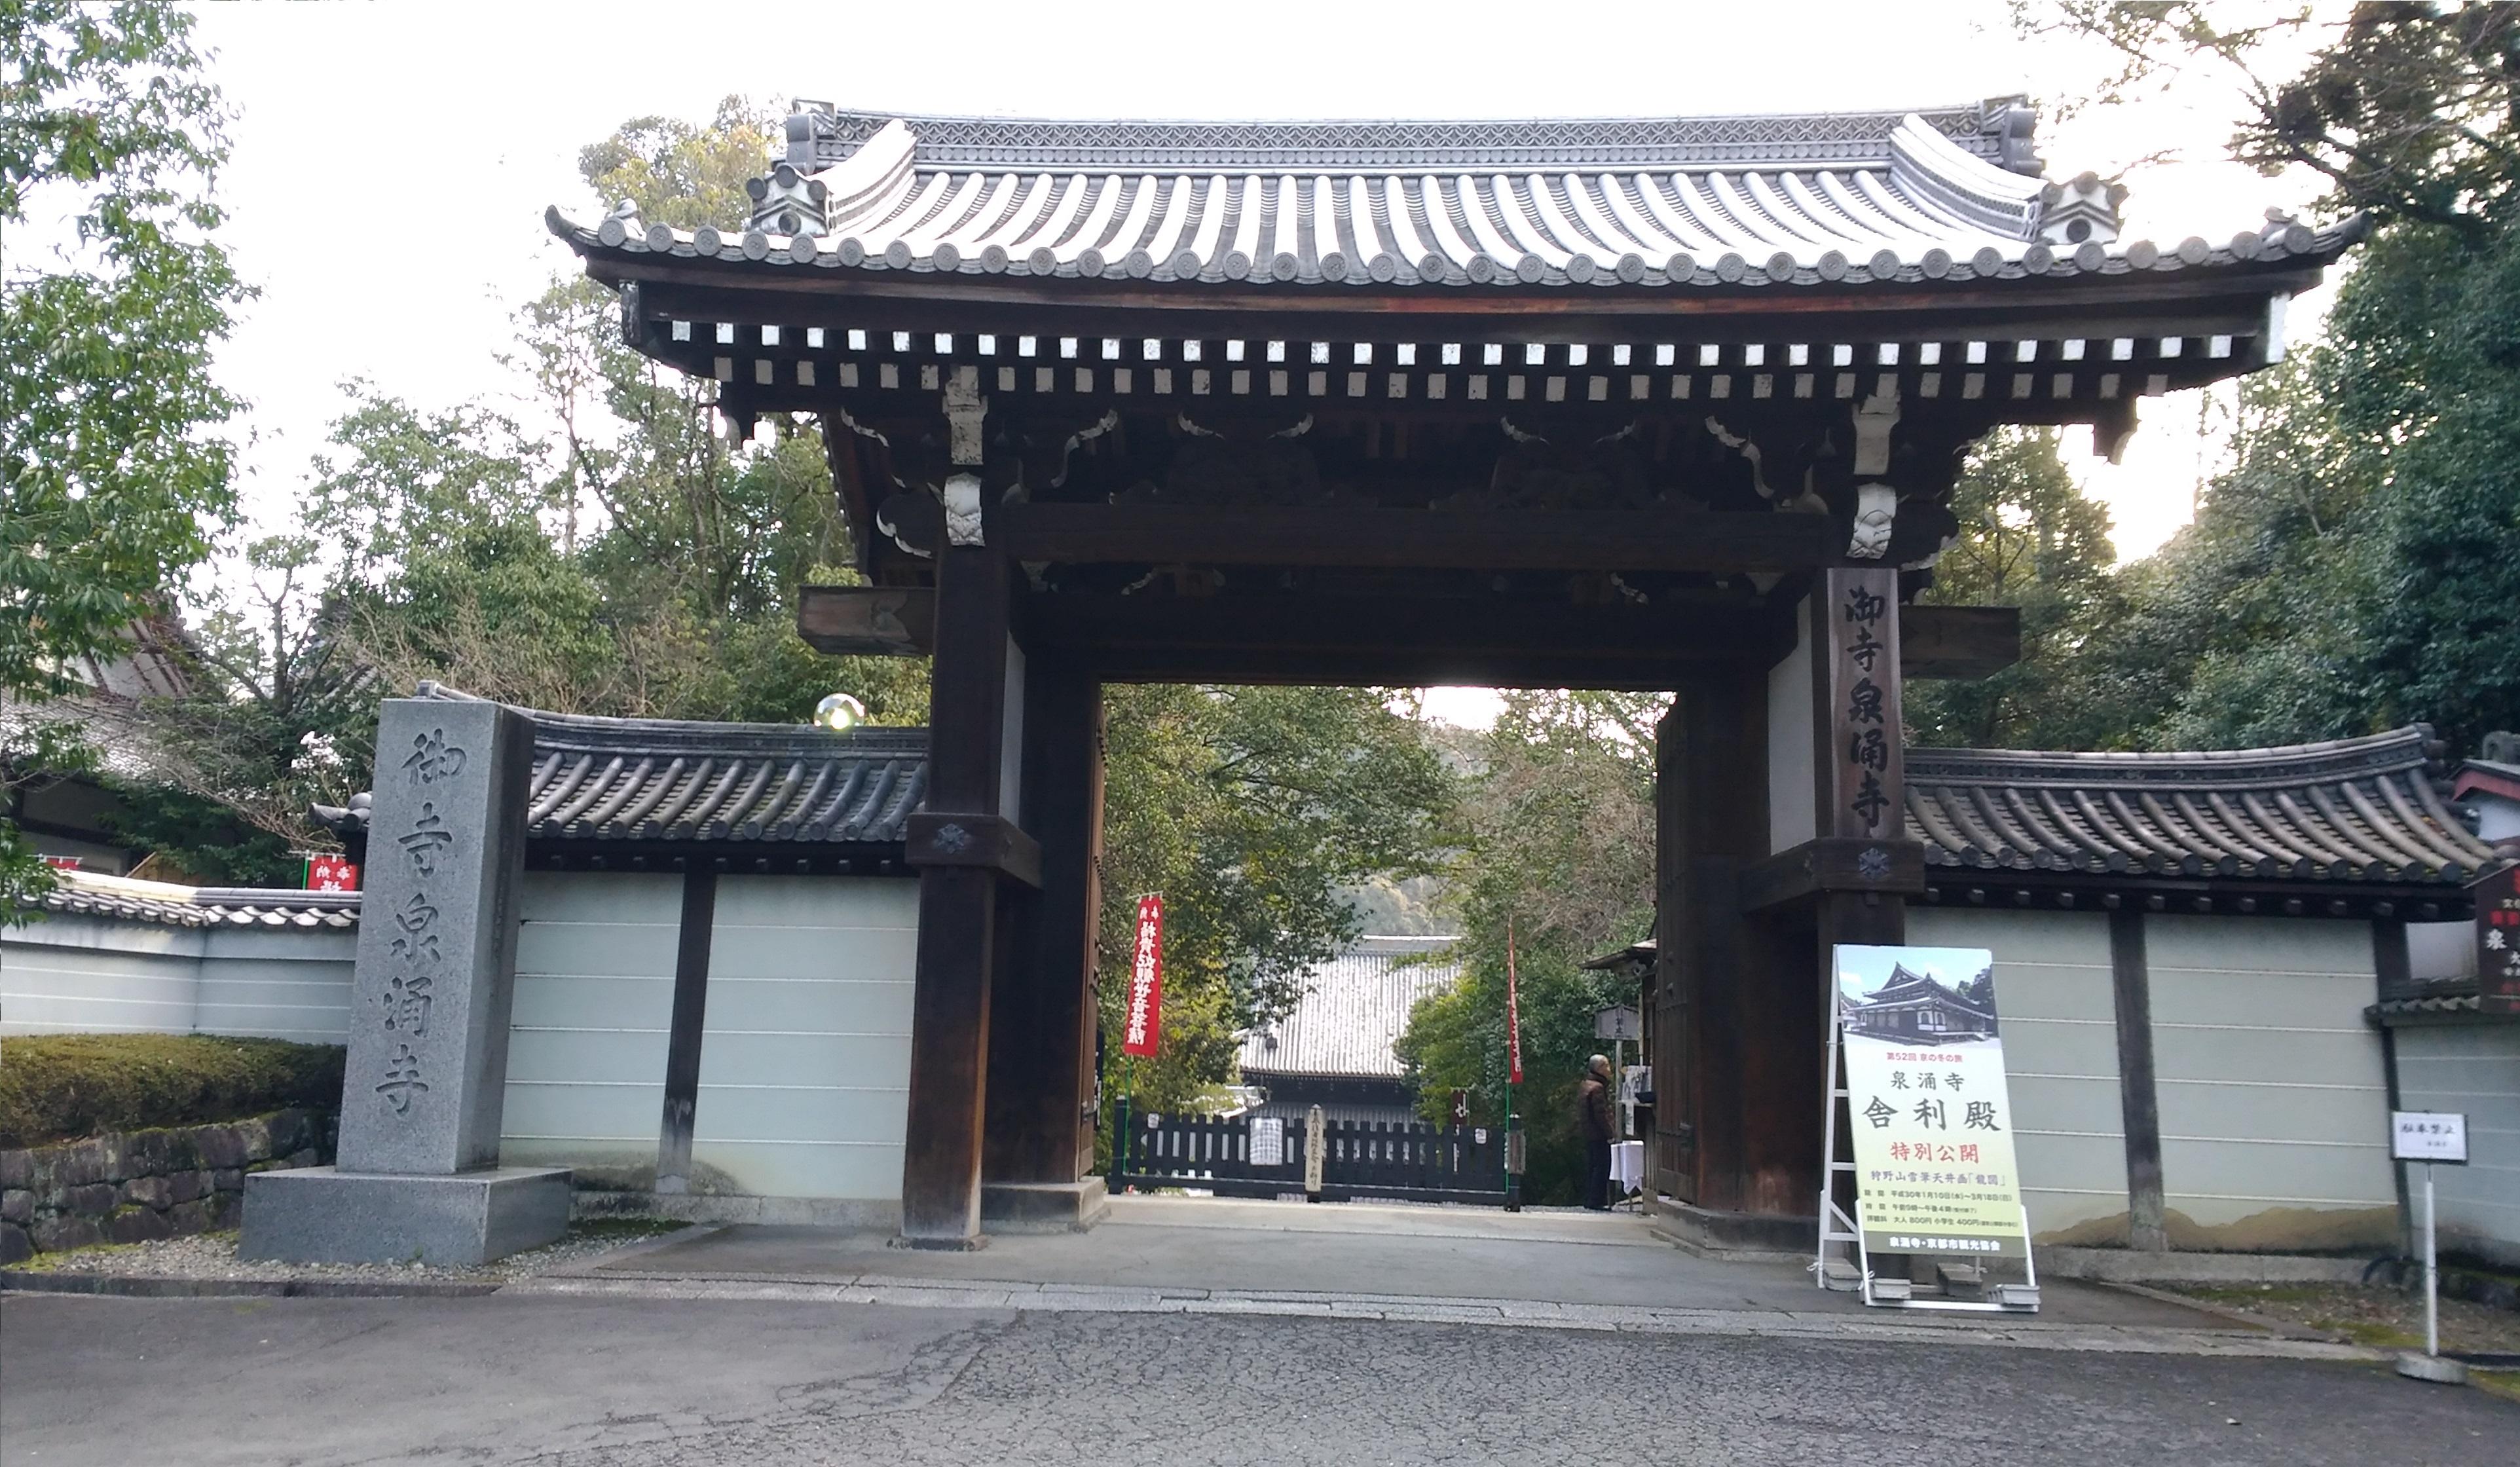 皇室の菩提所であり、特別拝観も貴重な【泉涌寺】 -リピーターのための、おすすめ京都の穴場ガイド-